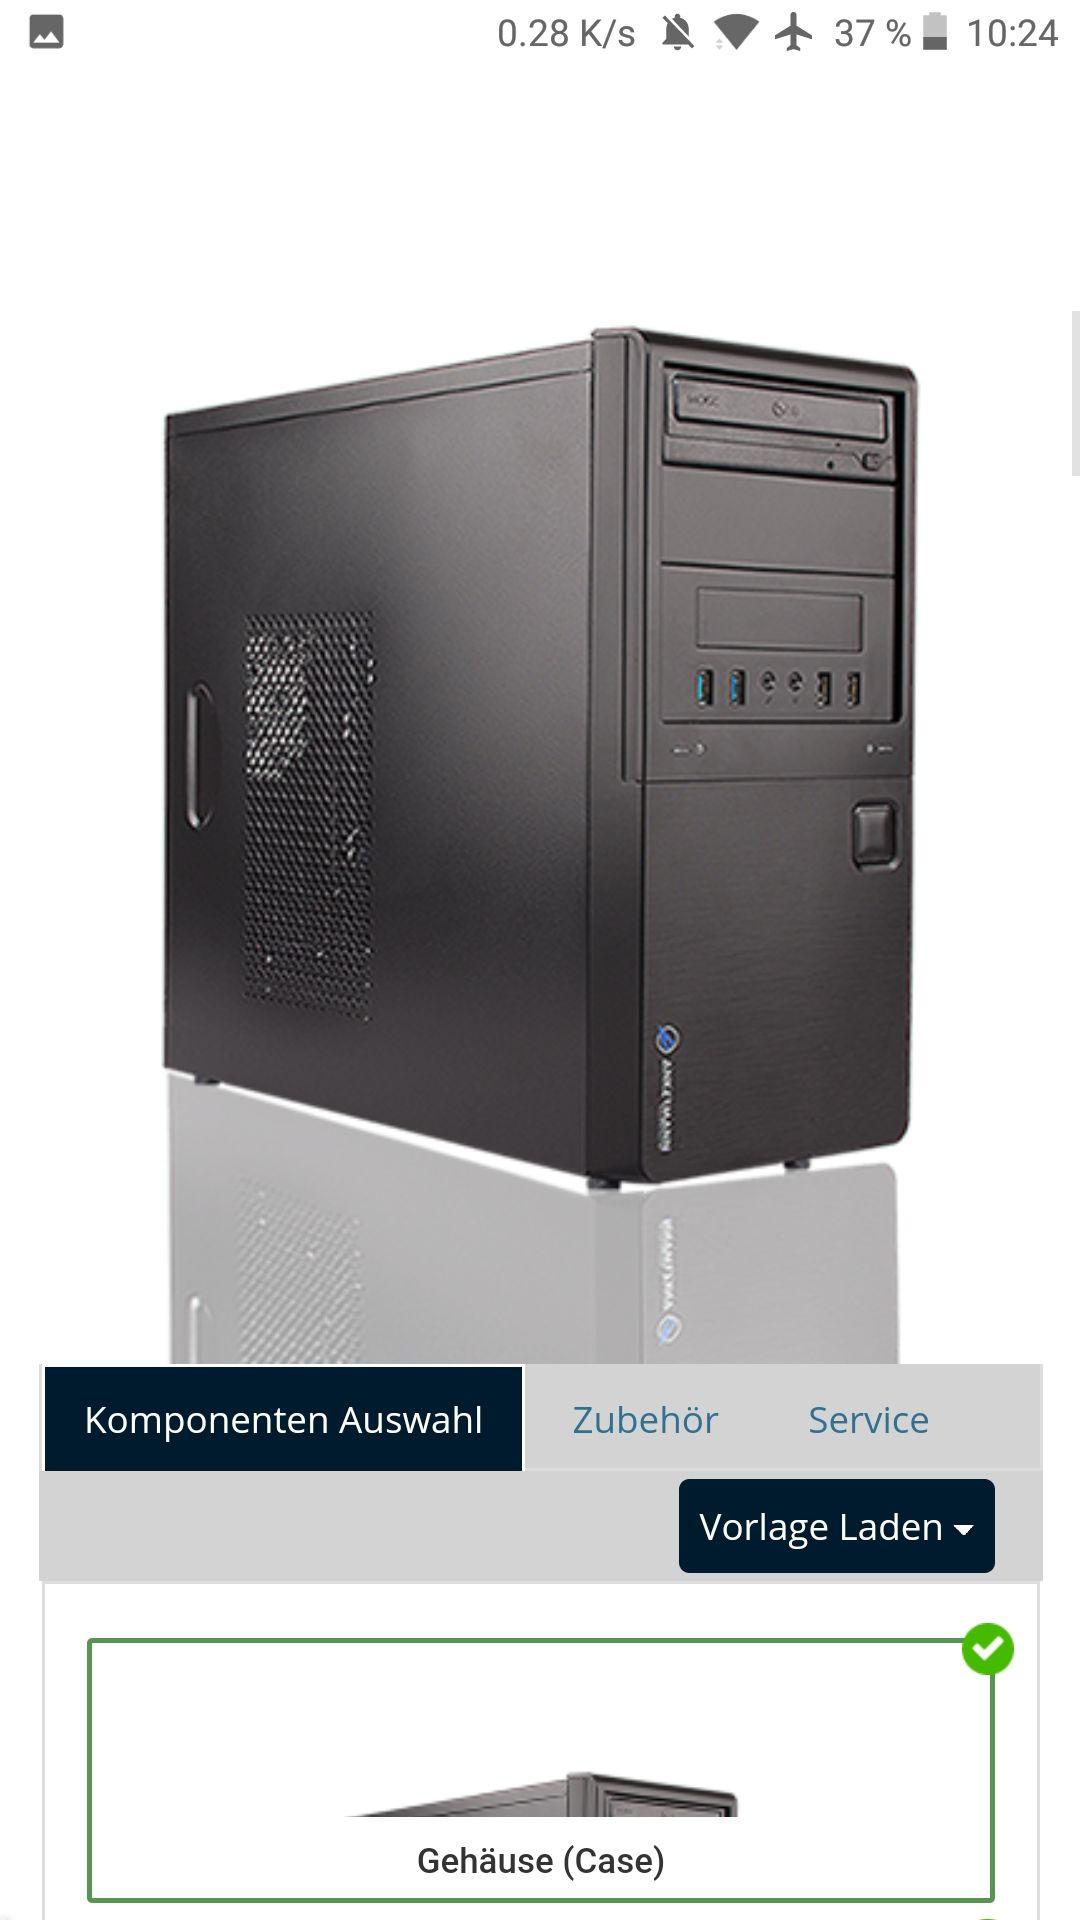 Workstation, Desktop PC, RYZEN 3 2200G MIT HIGH END GRAFIK, 120GB SSD, 1 TB HDD,  BE QUIET NETZTEIL, WLAN, DVD BRENNER, TOP!